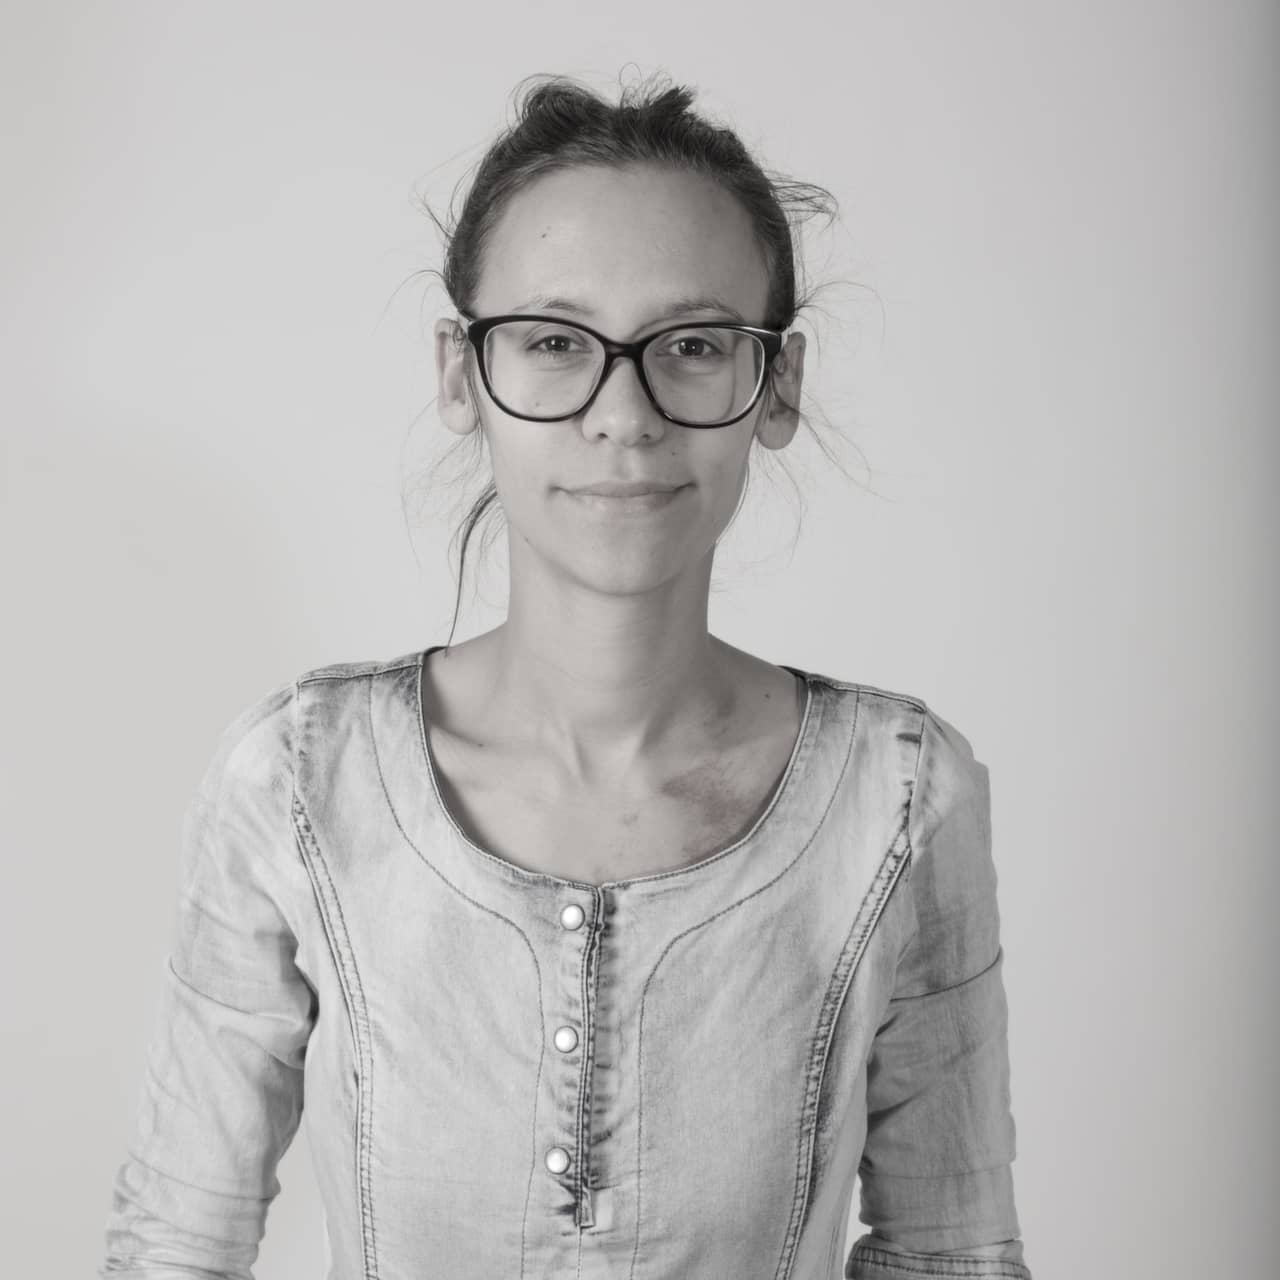 48. Naima Agnaou